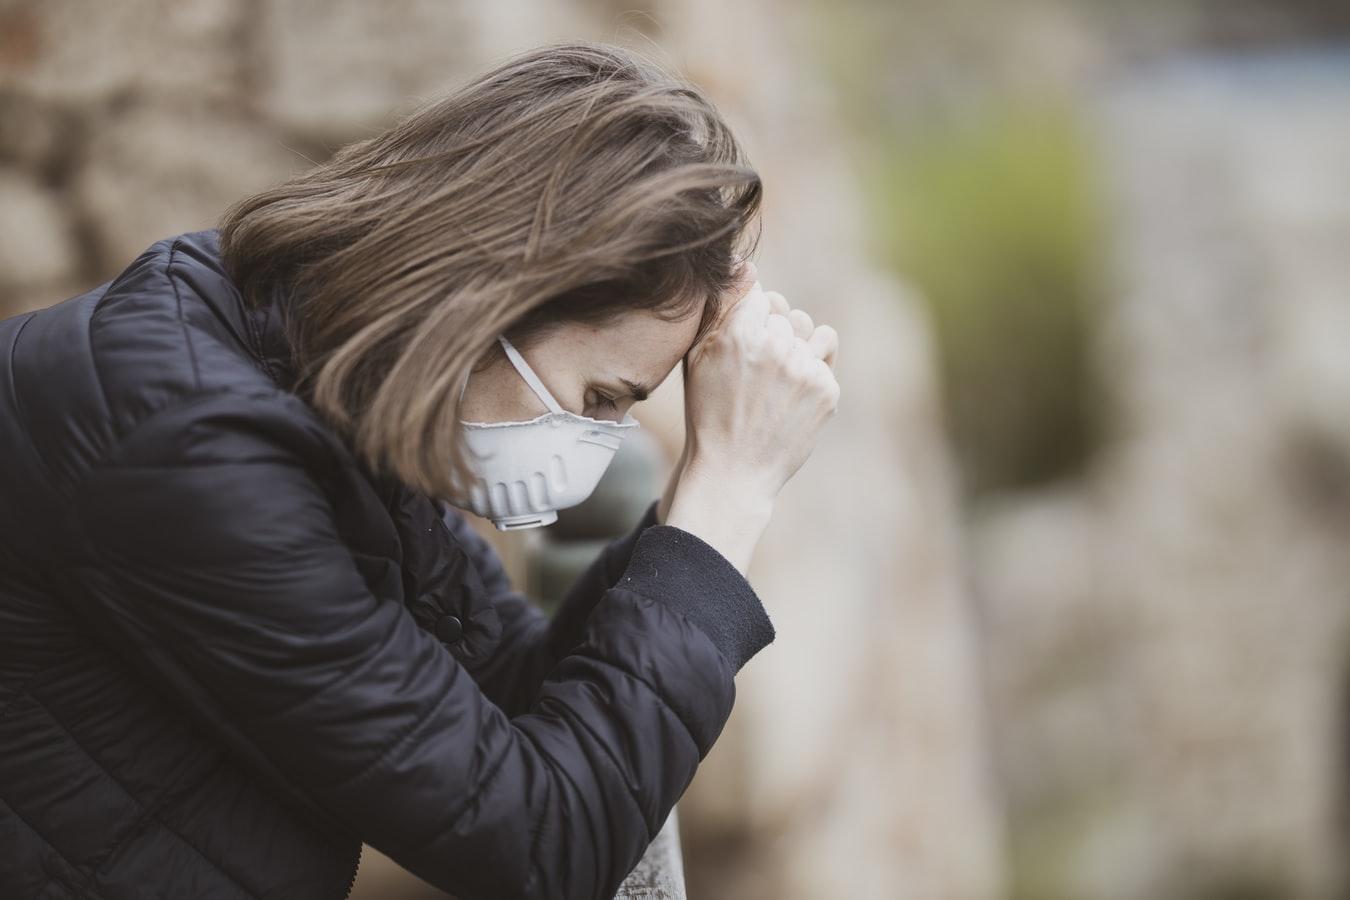 人工智慧能「聽咳嗽聲認出新冠患者」!成功率達 98.5%